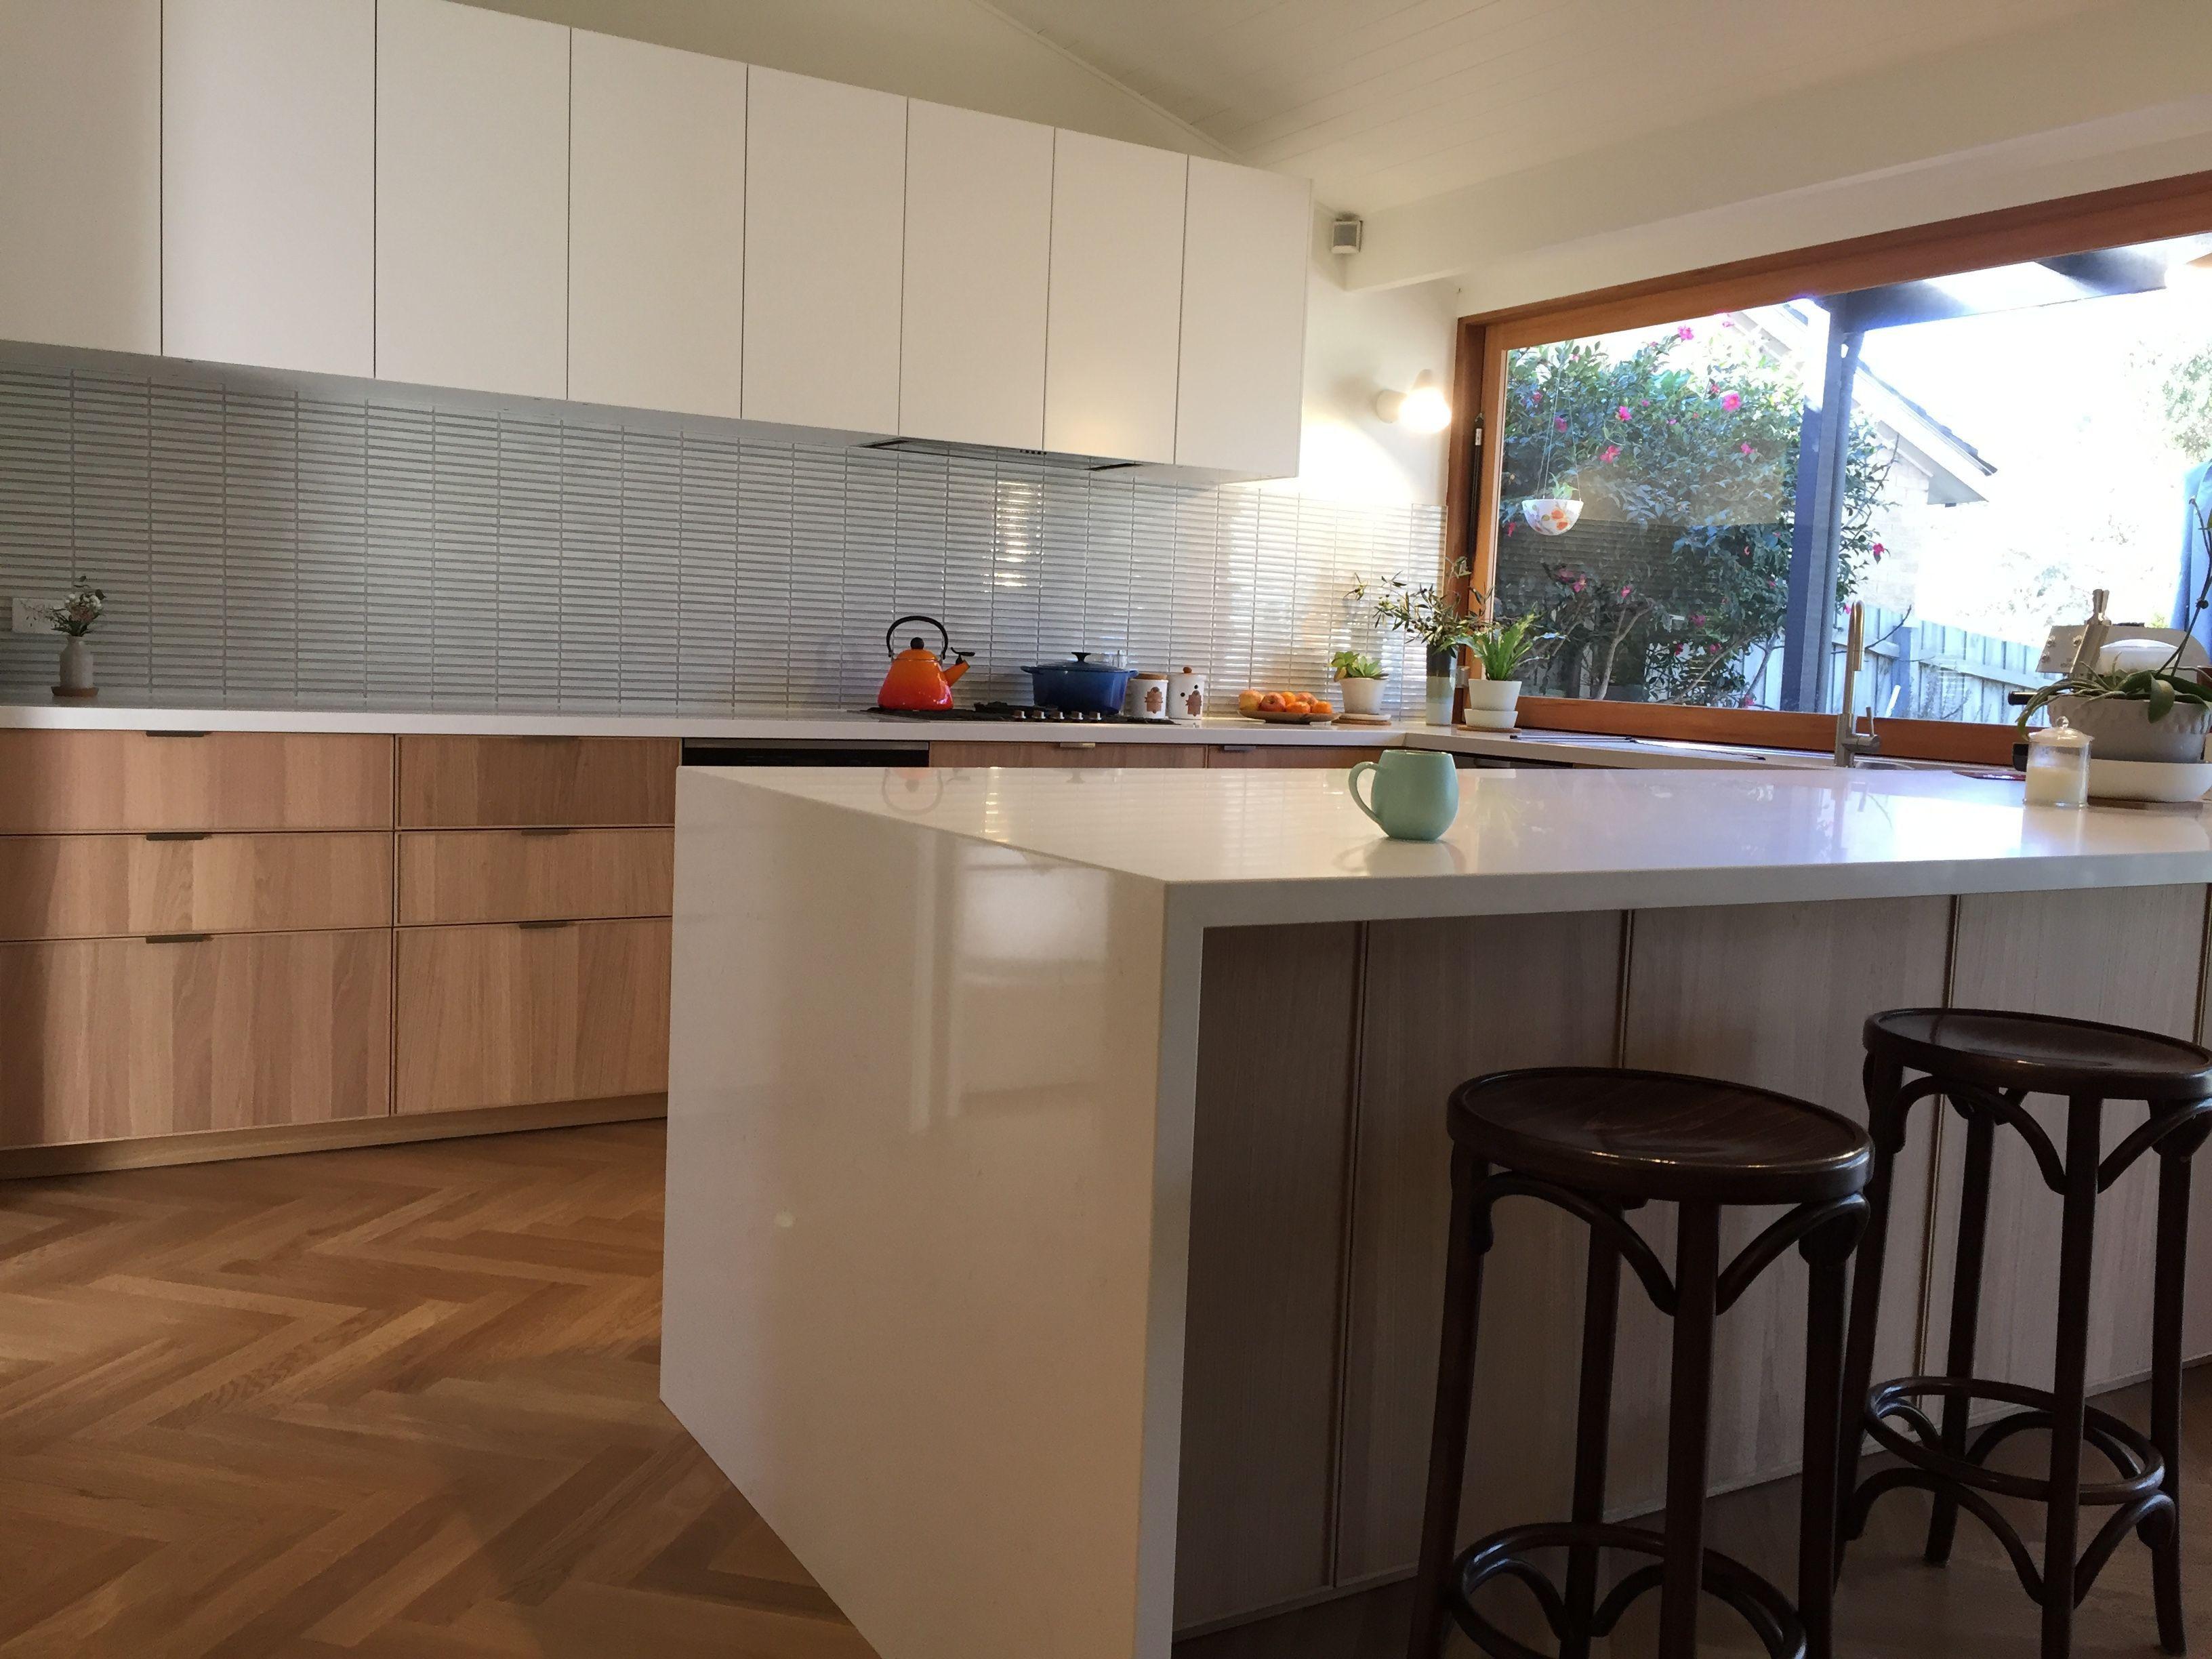 Ikea Keuken Ekestad Ikea Ekestad Metod Kitchen With Artedomus Inax